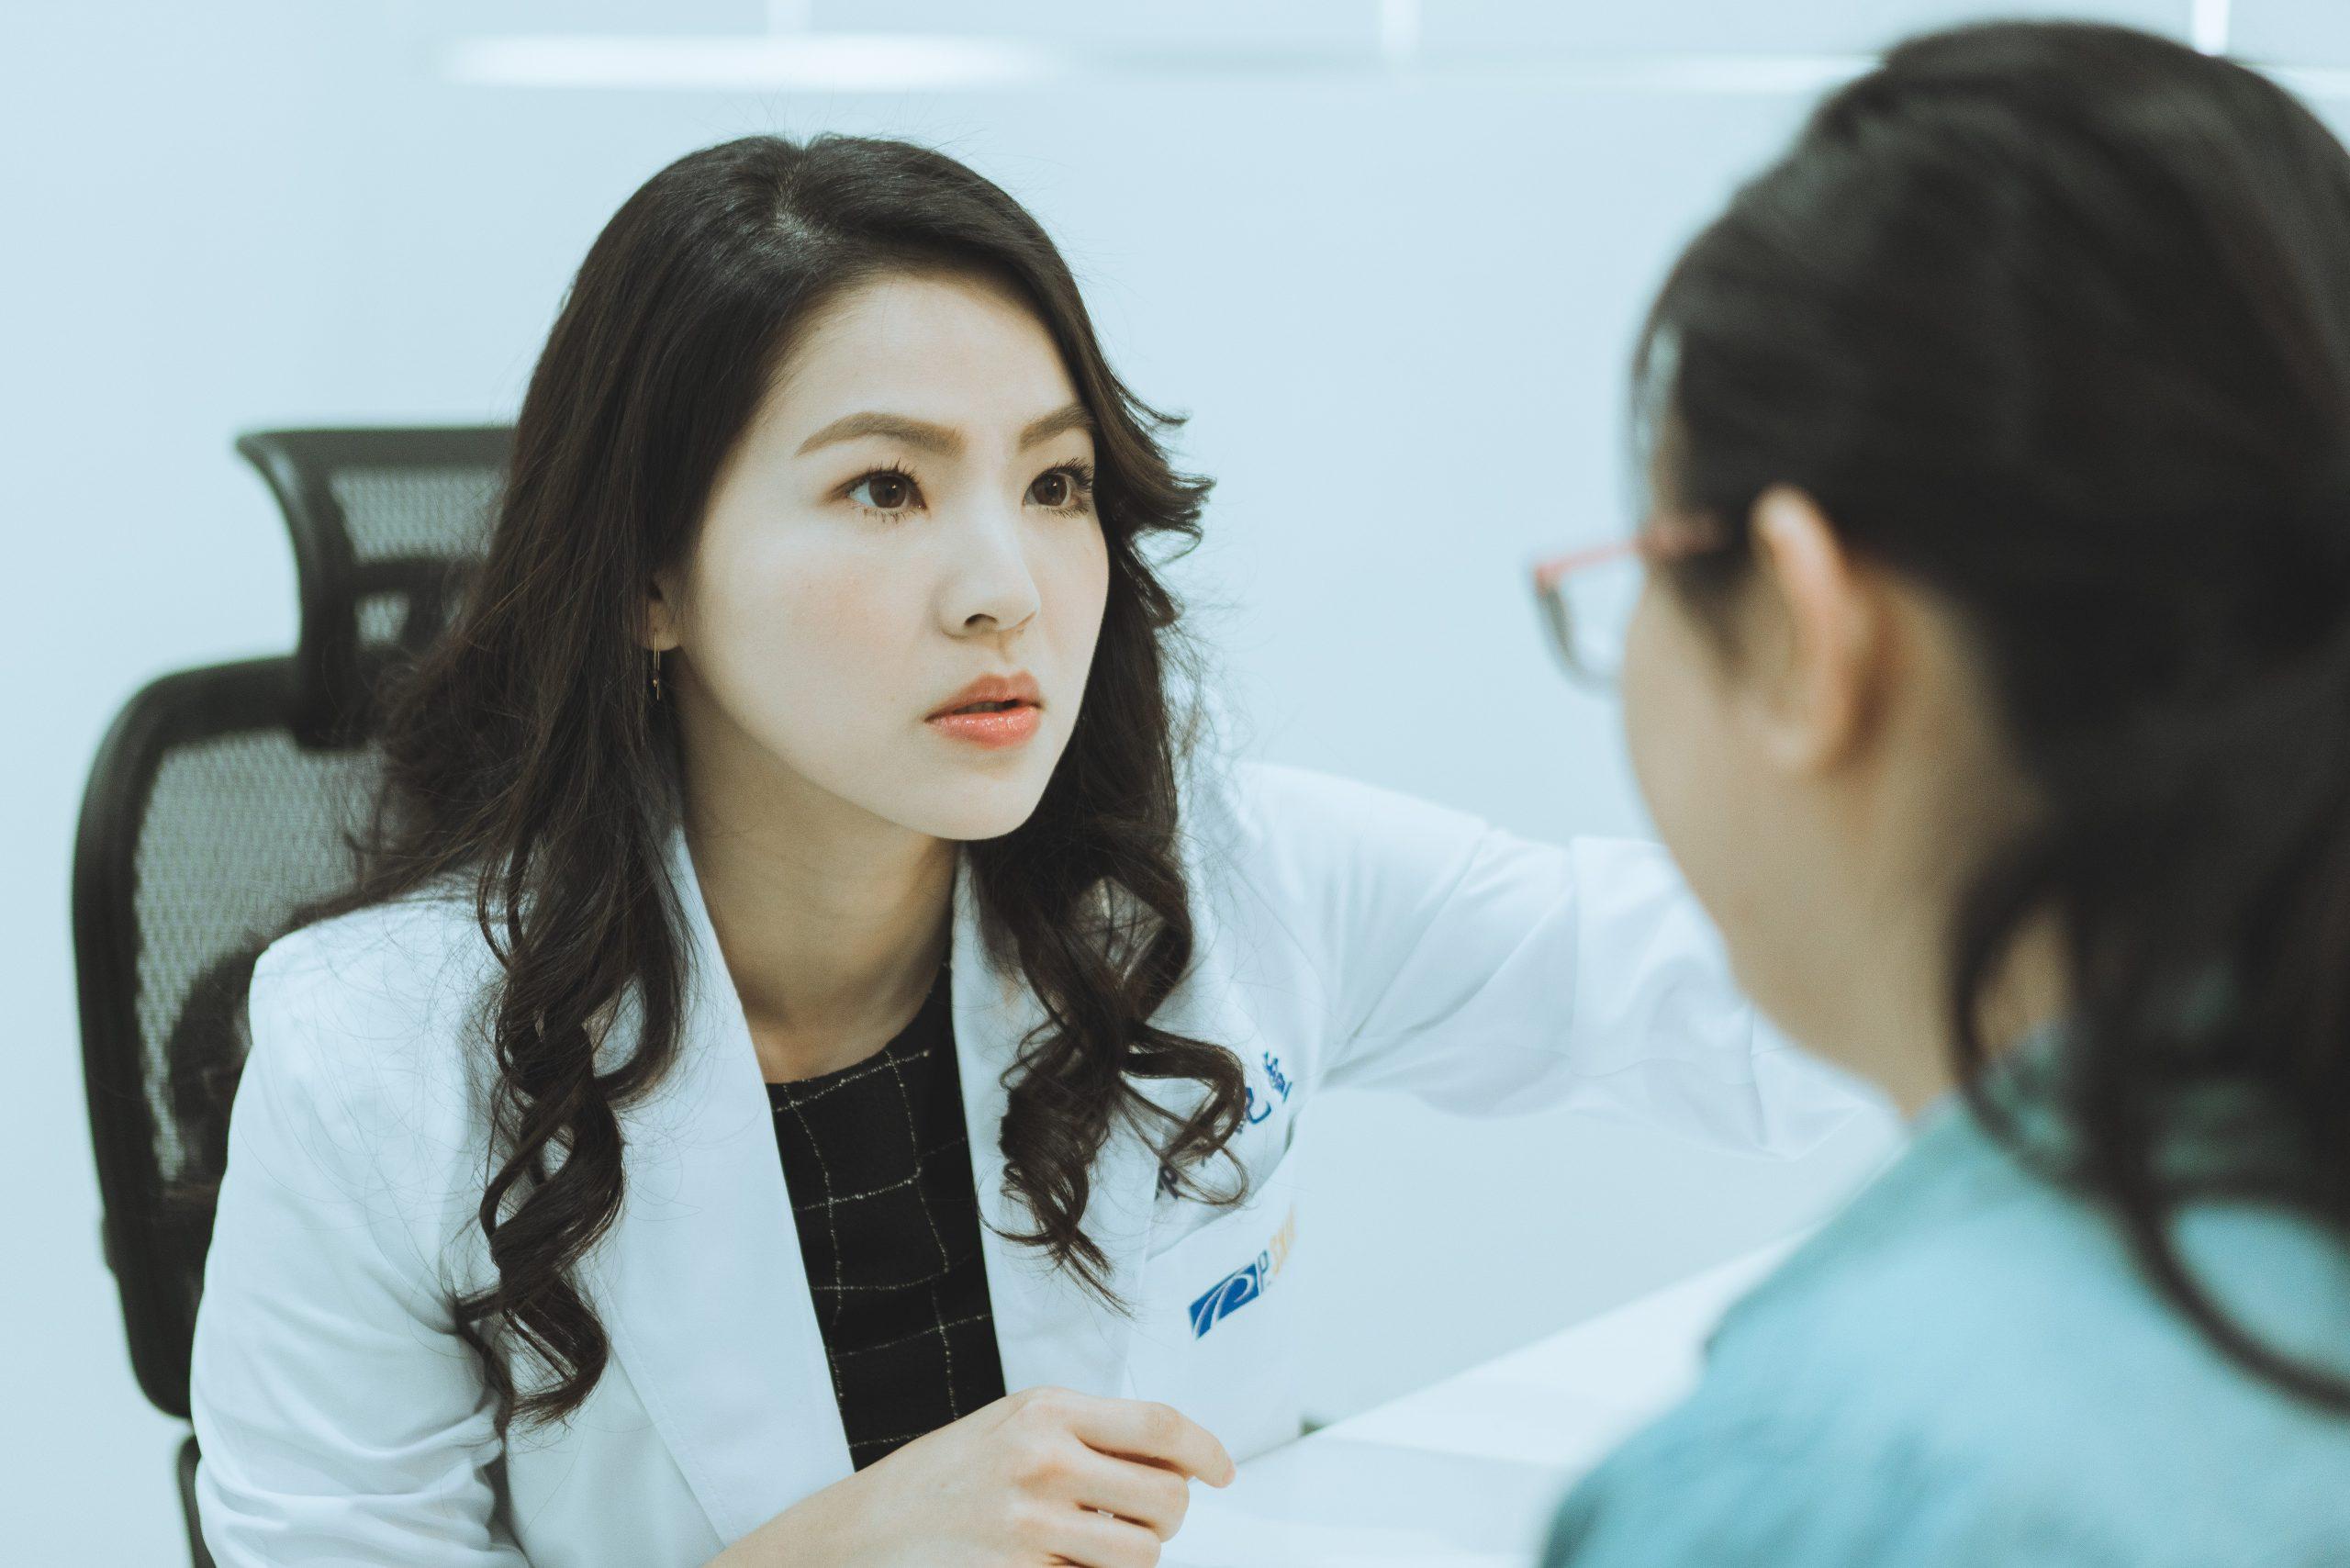 江紀萱醫生看診